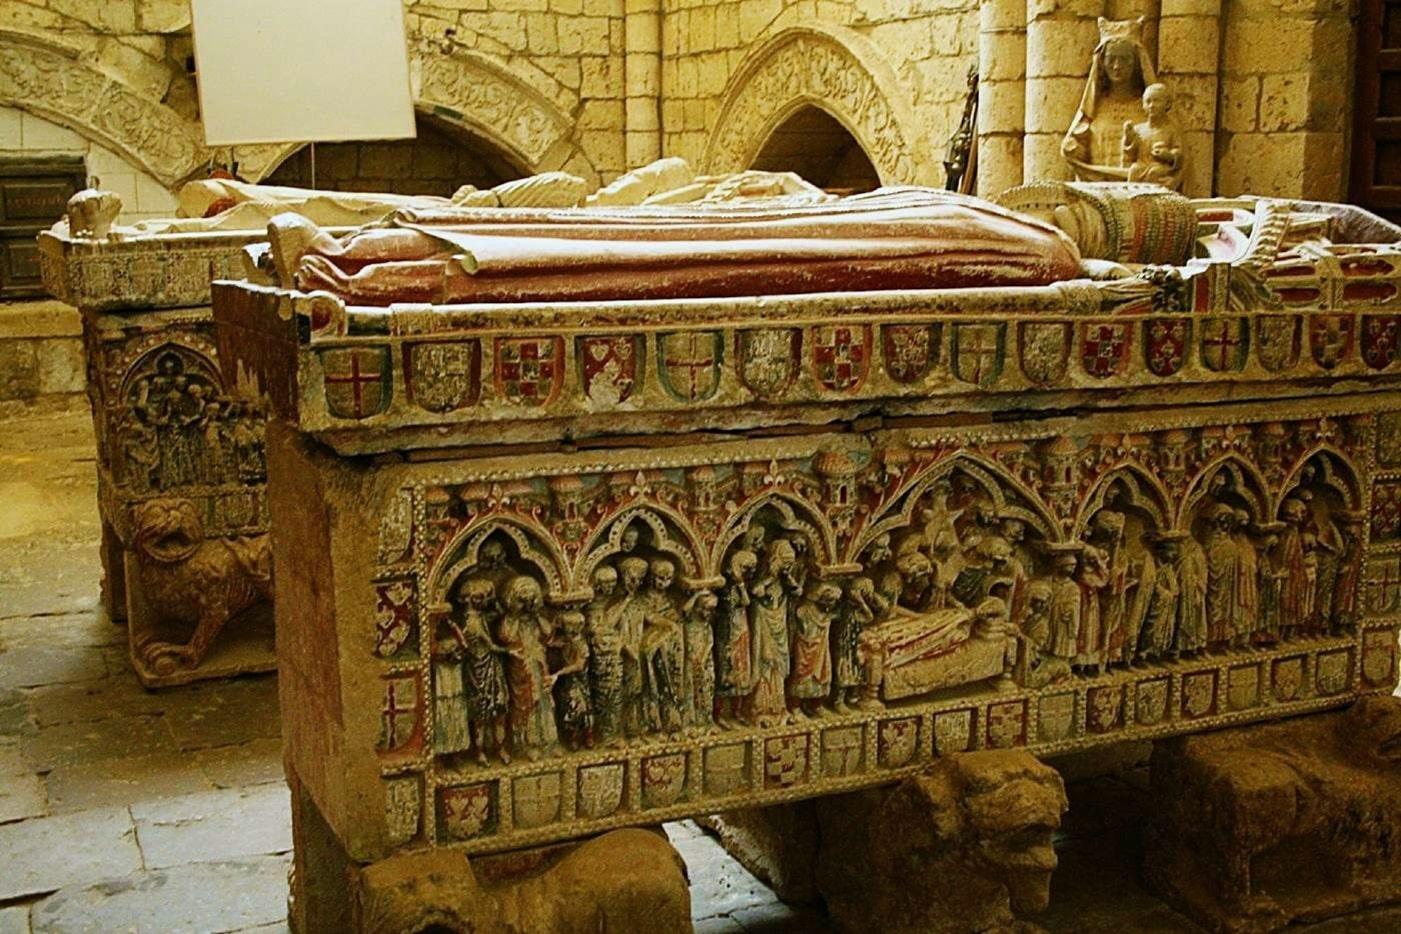 Sepulcro del infante Felipe de Castilla, Villalcázar de Sirga - Orígenes de Europa